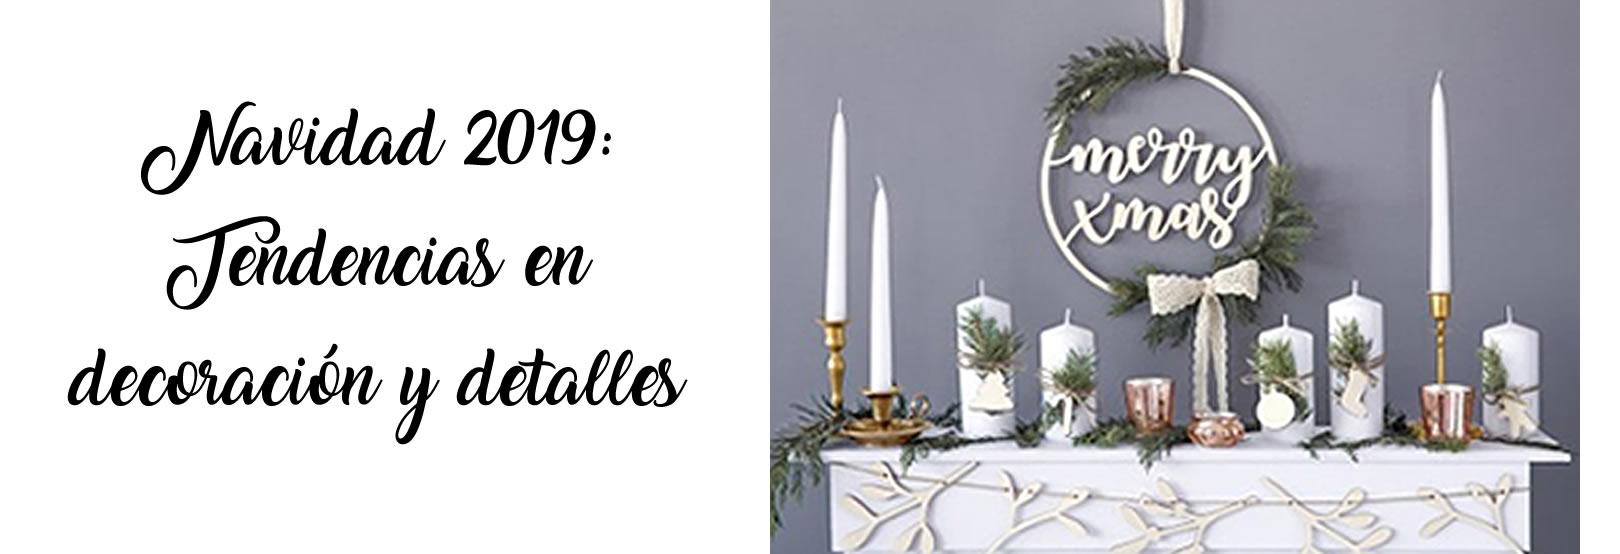 Navidad 2019: Tendencia en decoración y detalles